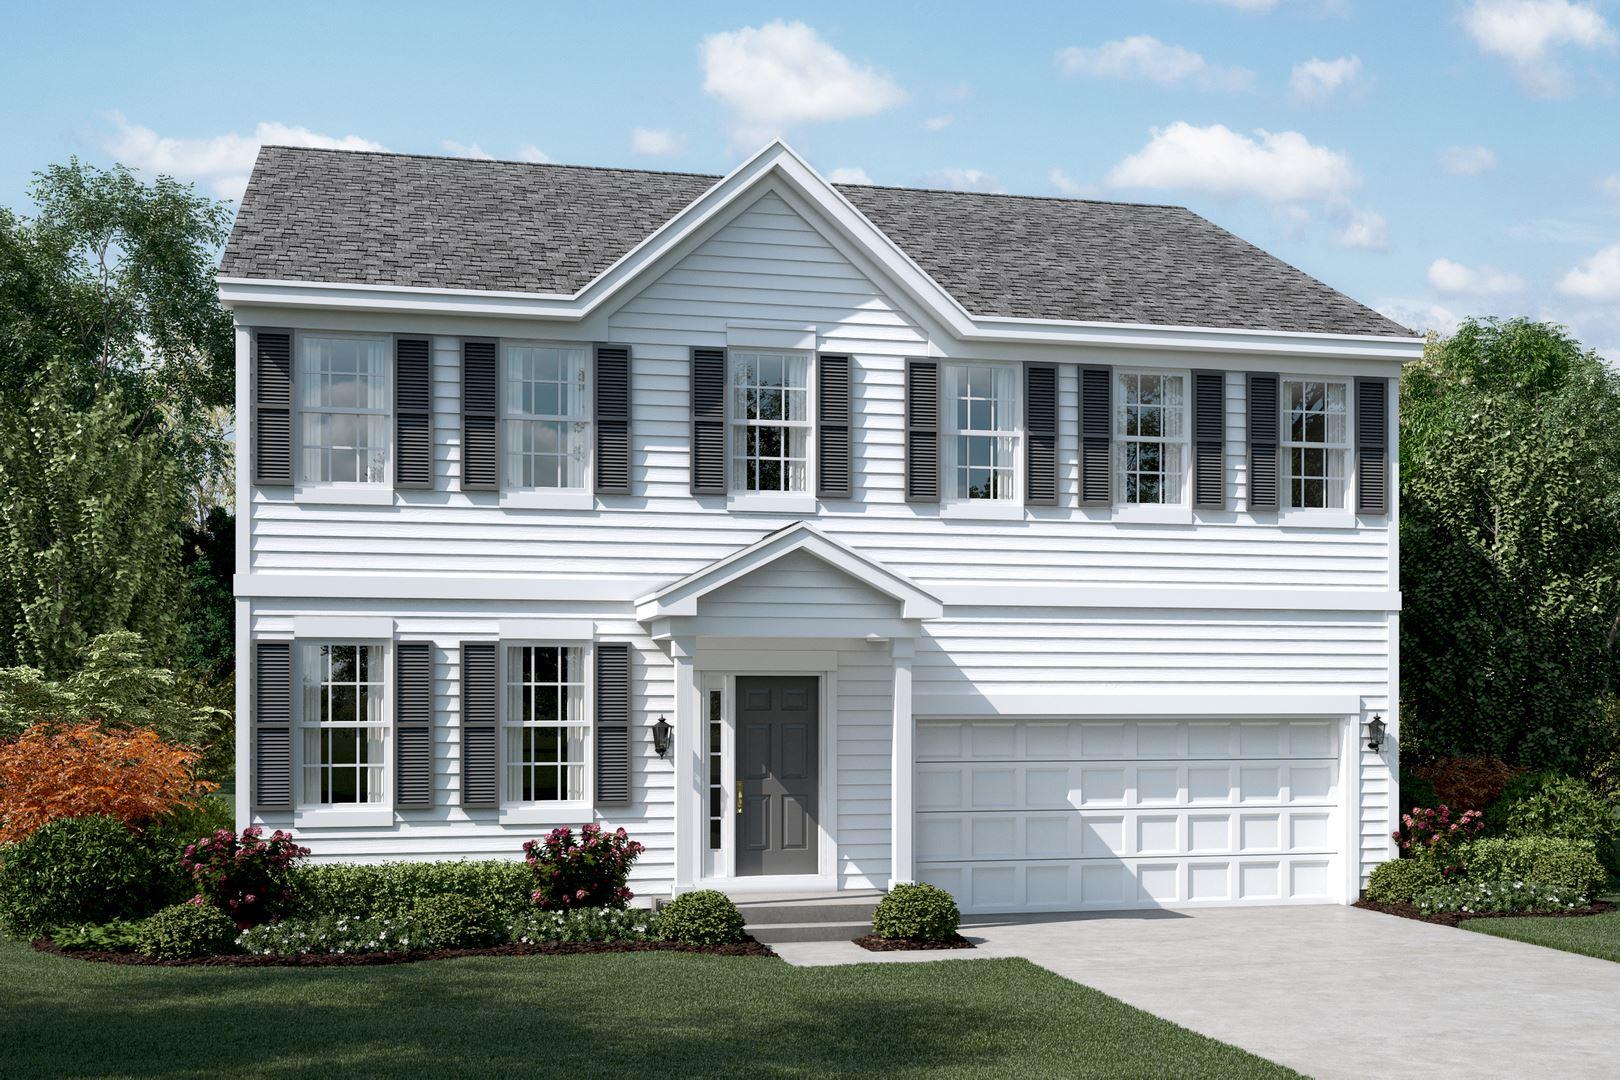 181 Willowwood Drive, Oswego, IL 60543 - #: 10807625